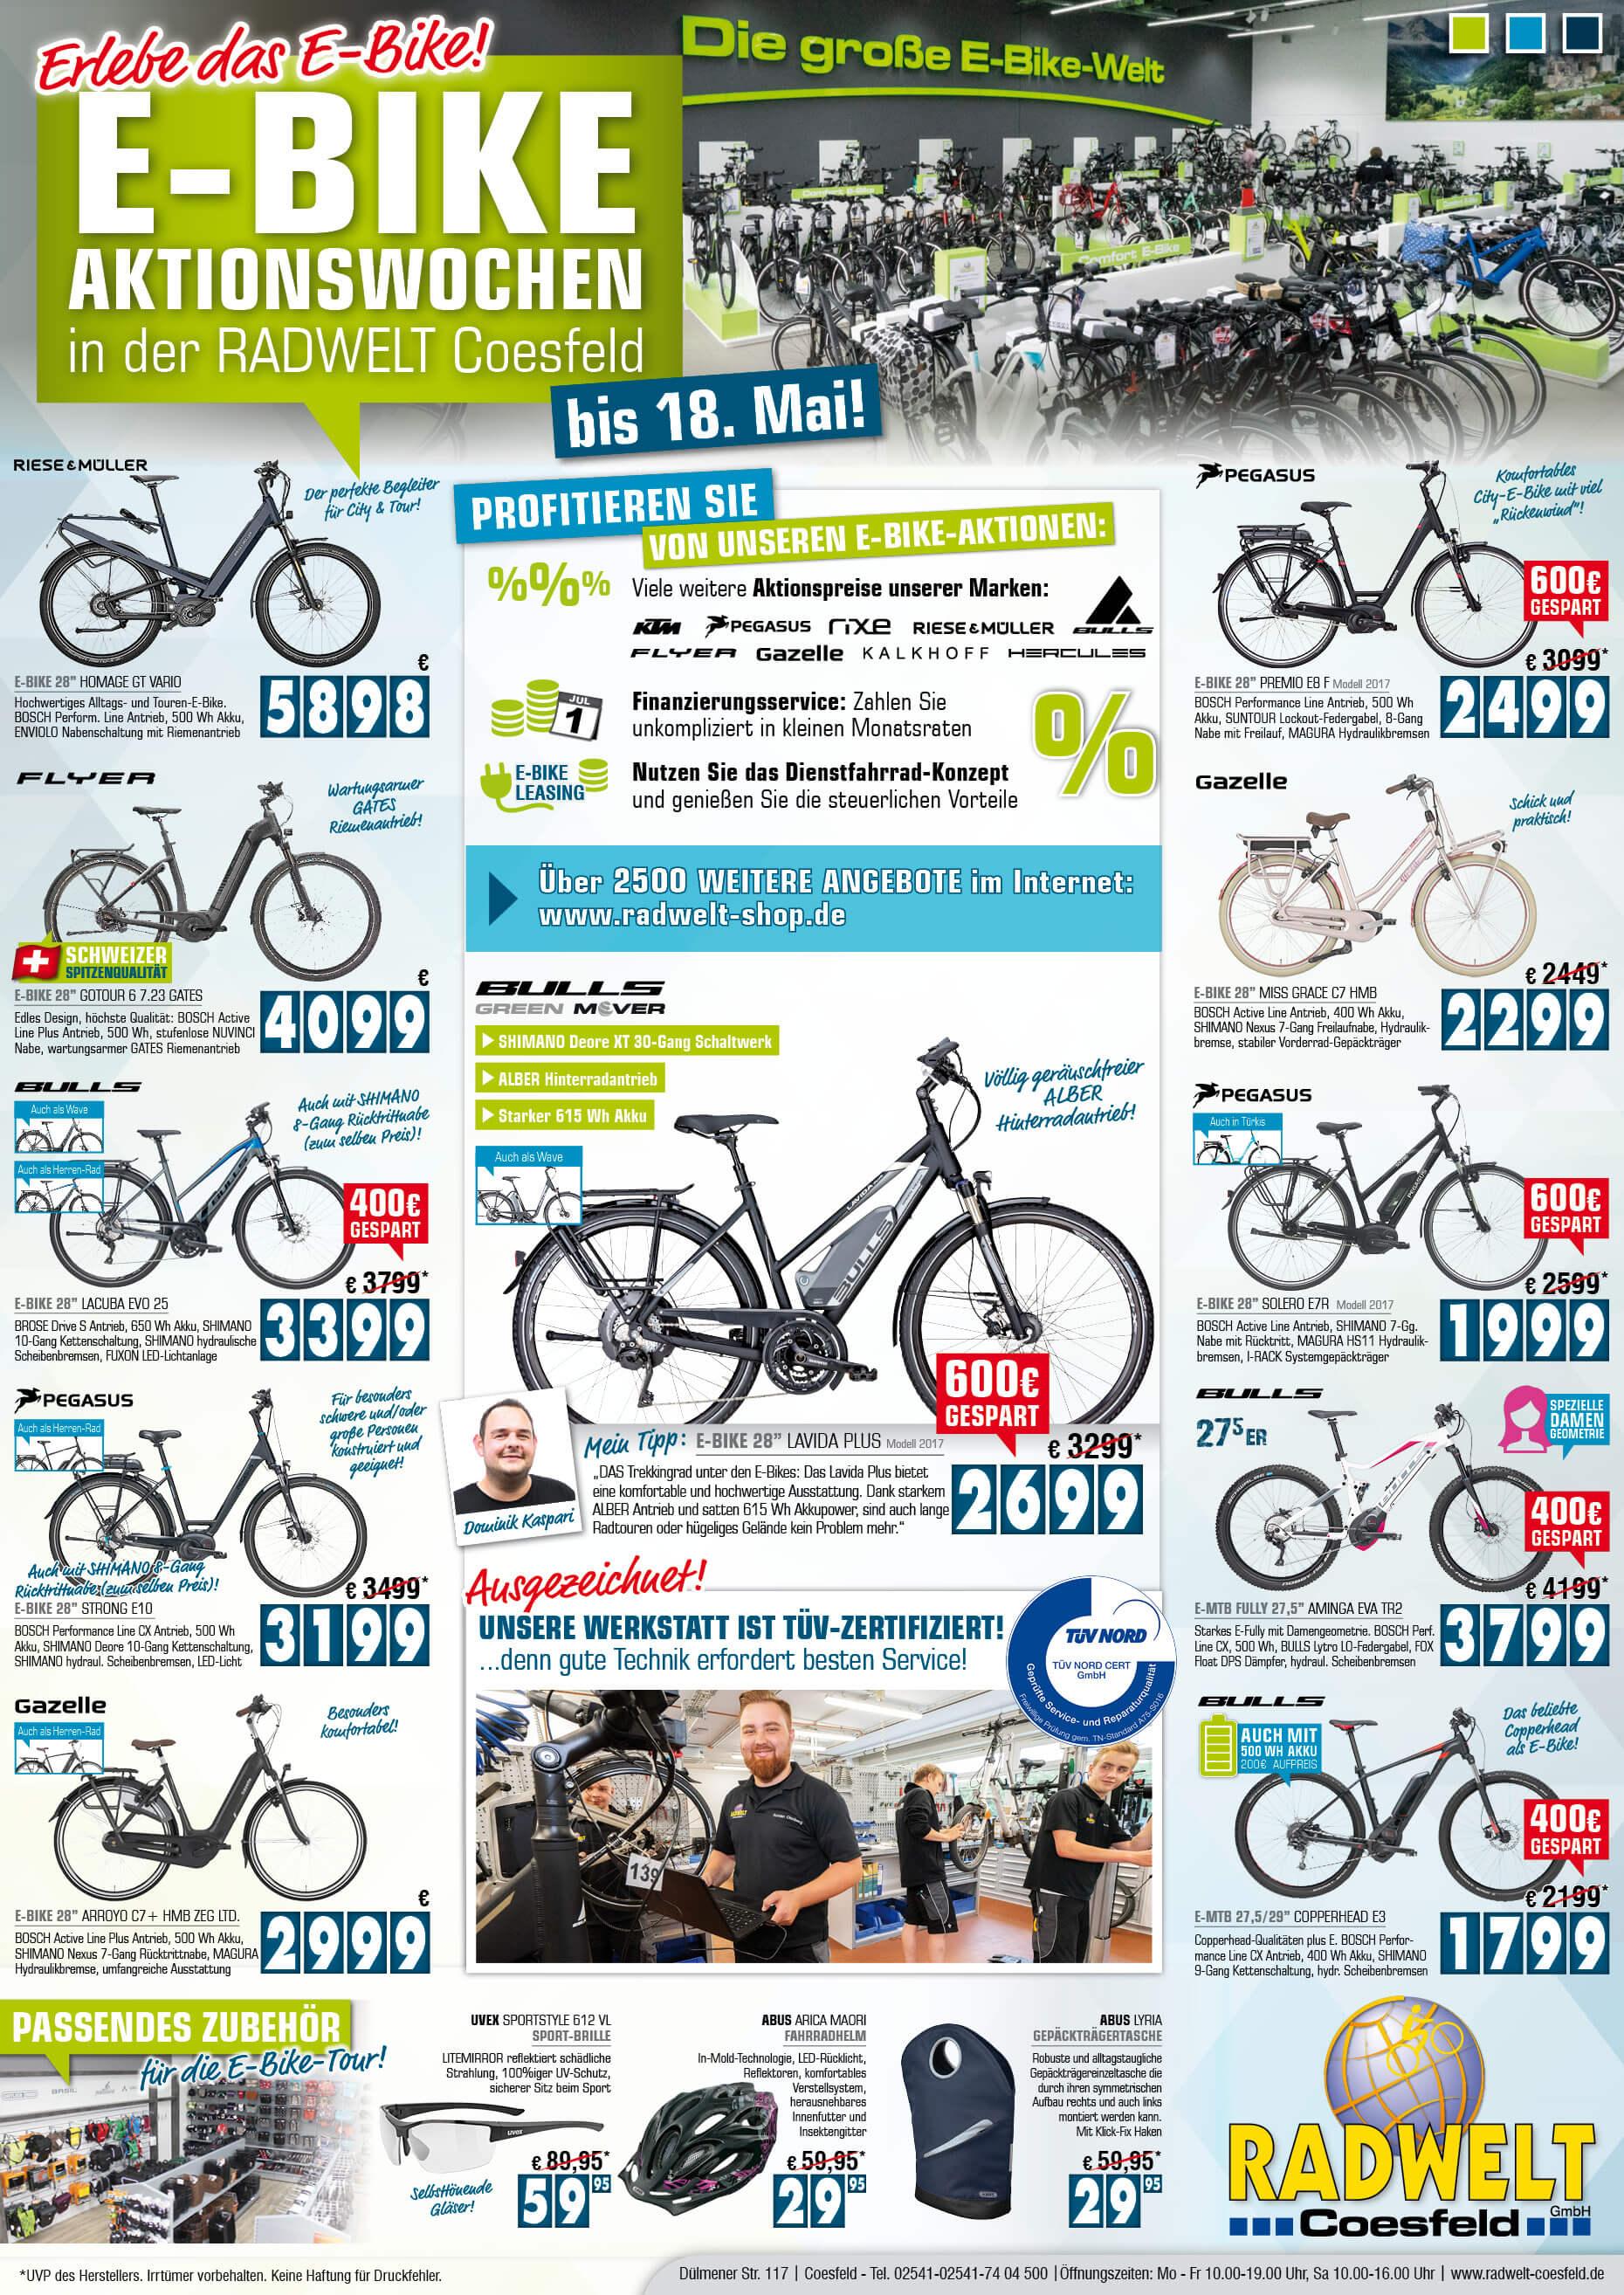 Coesfeld_17771_E_Bike_Aktionswochen_315x445_Stadtsppiegel_Haltern